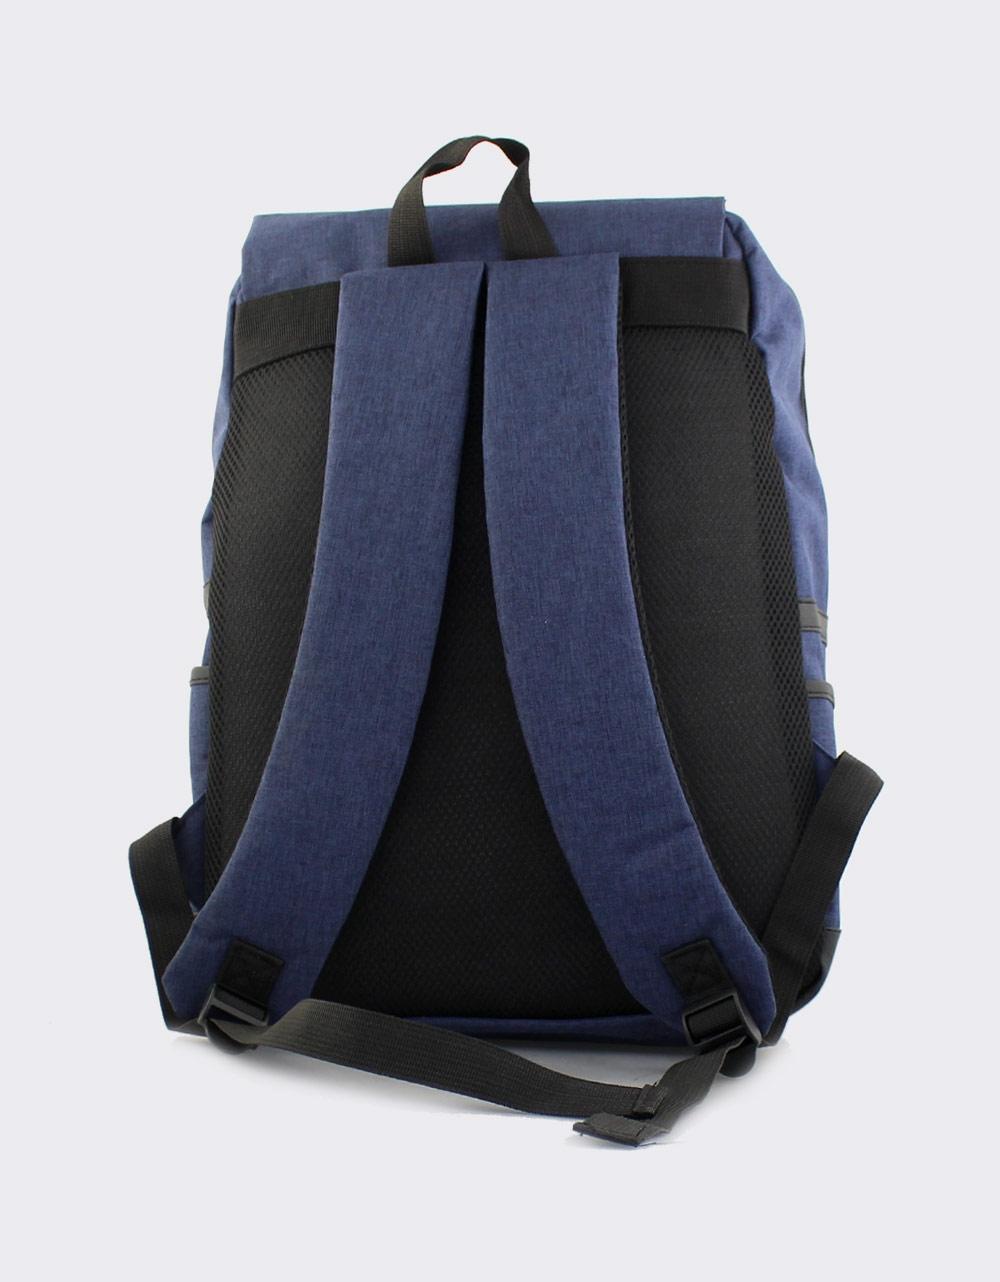 Εικόνα από Ανδρικά σακίδια πλάτης με διπλά λουράκια Μπλε